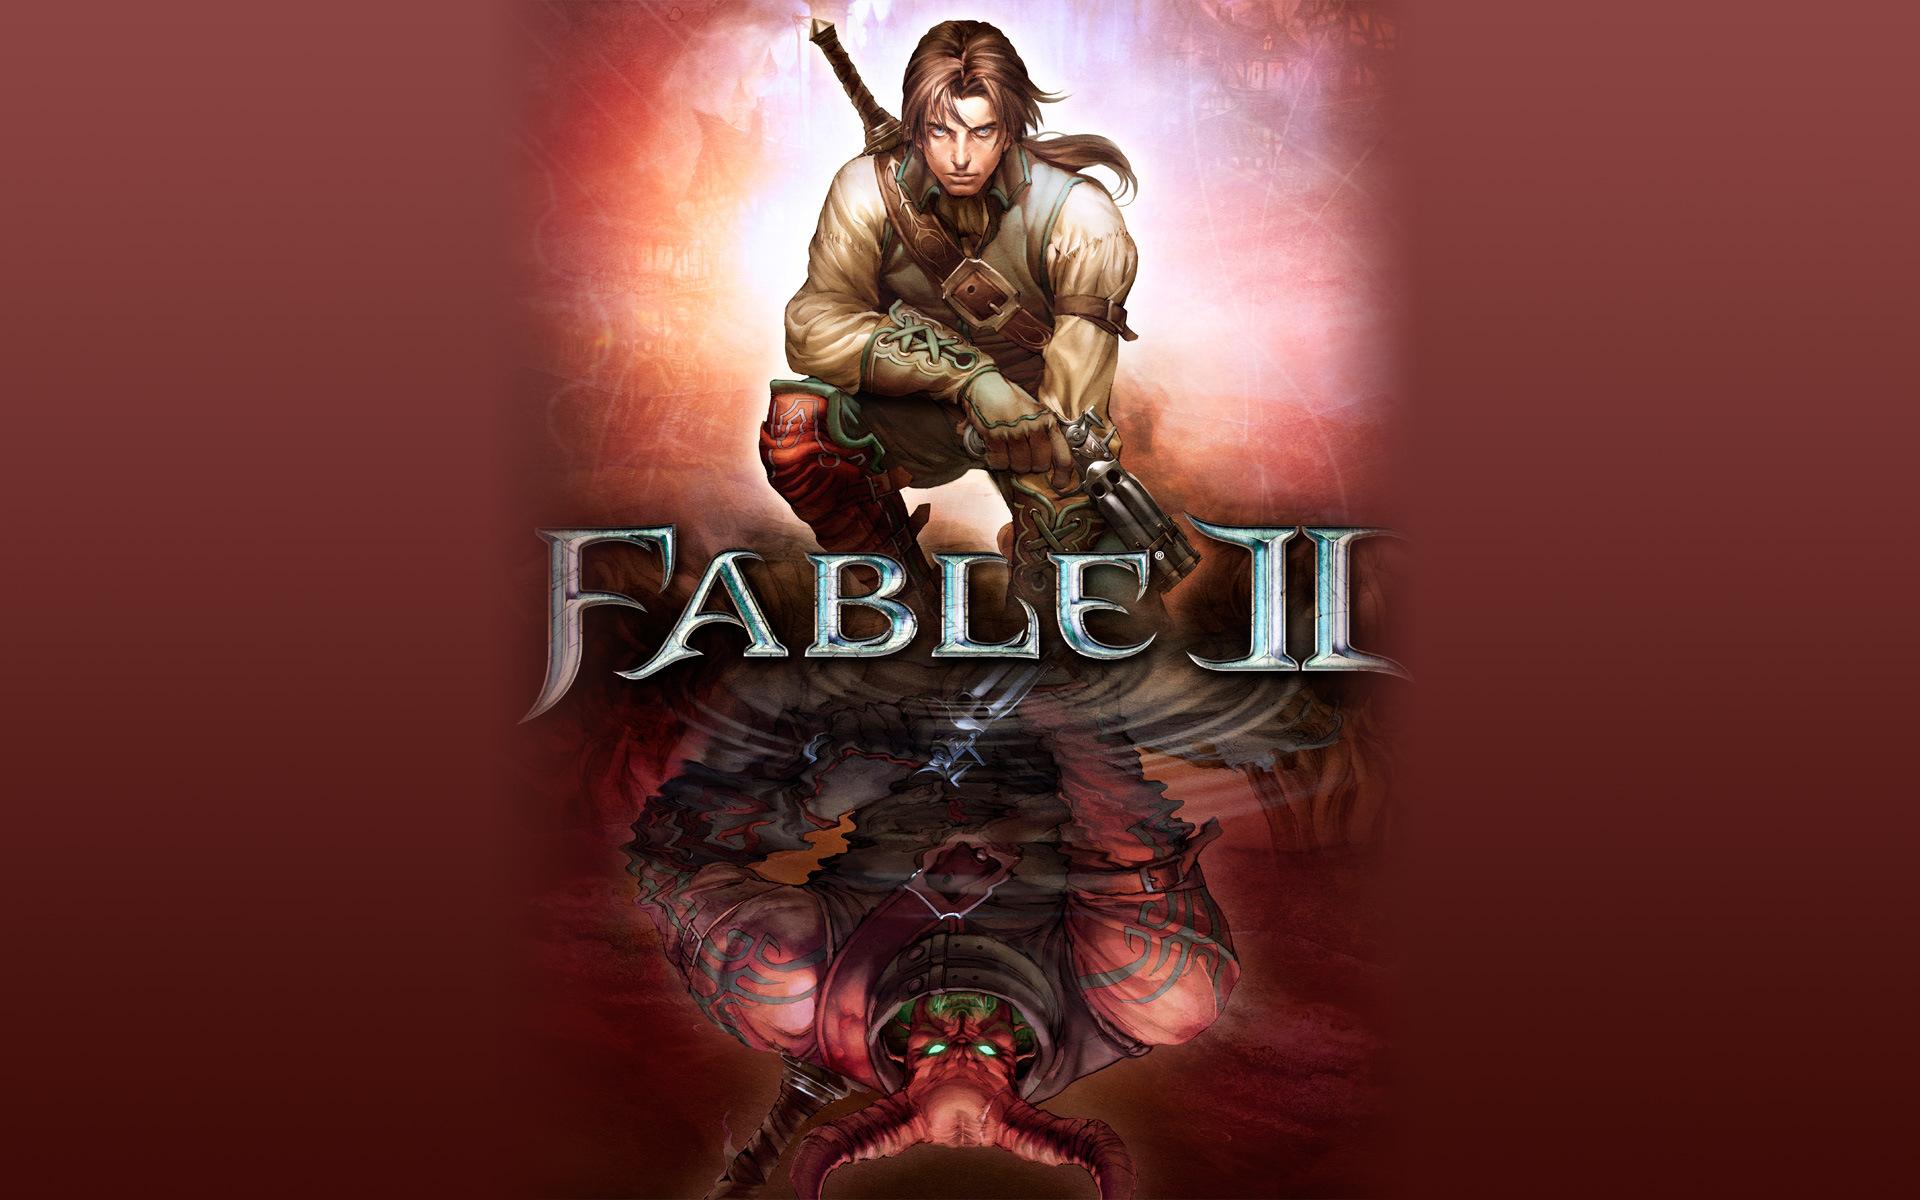 fable-ii-02-1920x1200.jpg